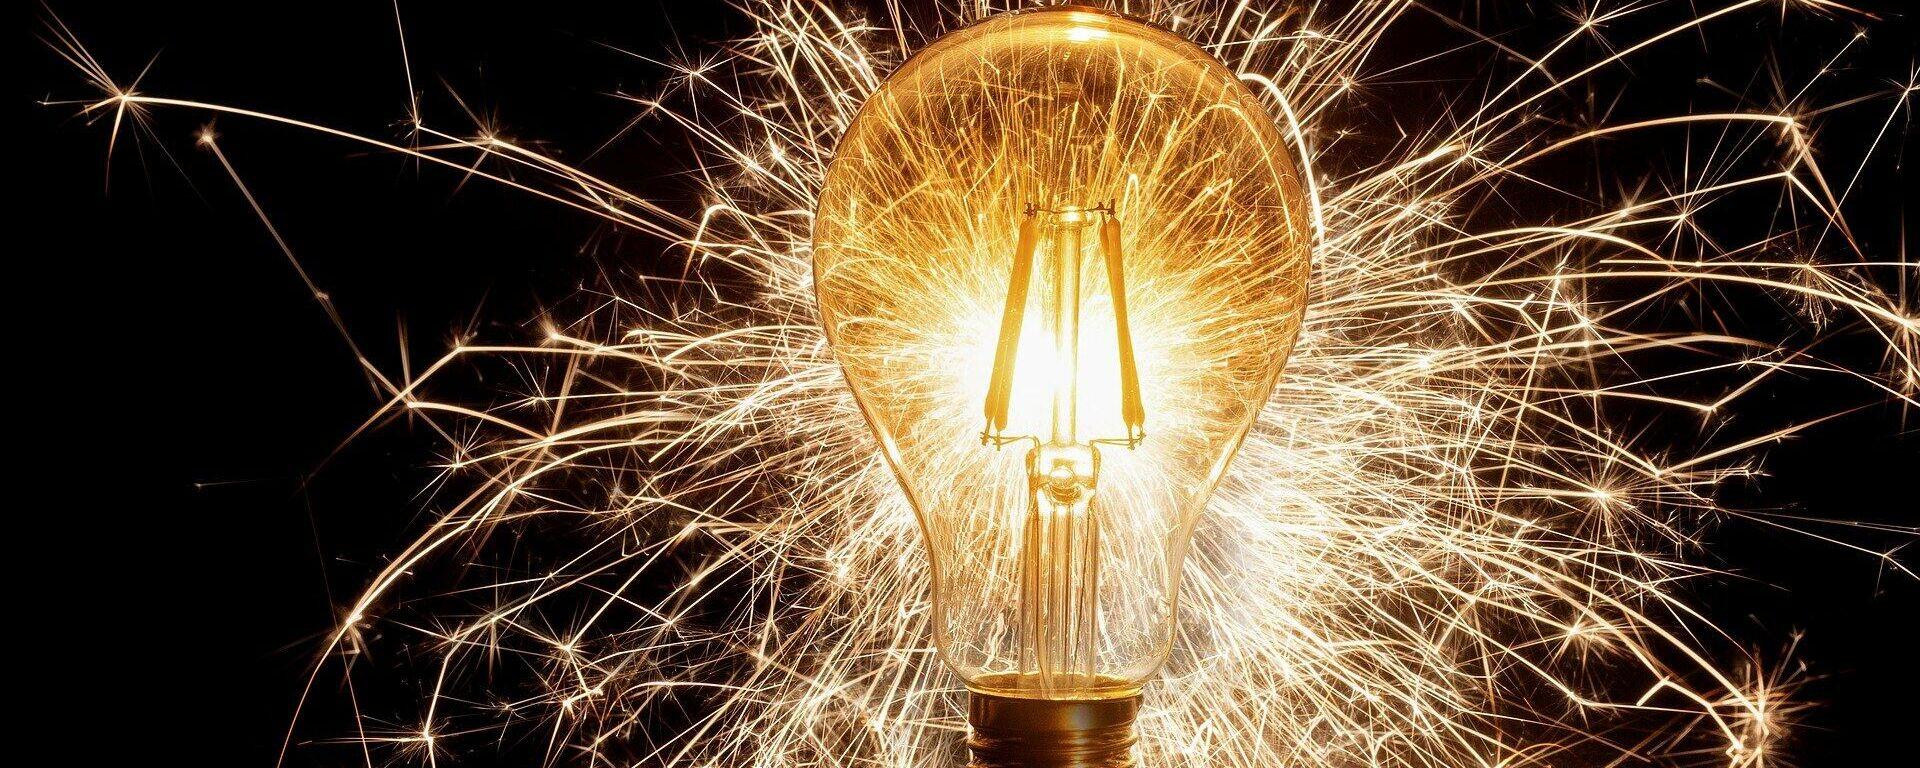 El coste de la energía eléctrica se dispara en España - Sputnik Mundo, 1920, 14.09.2021